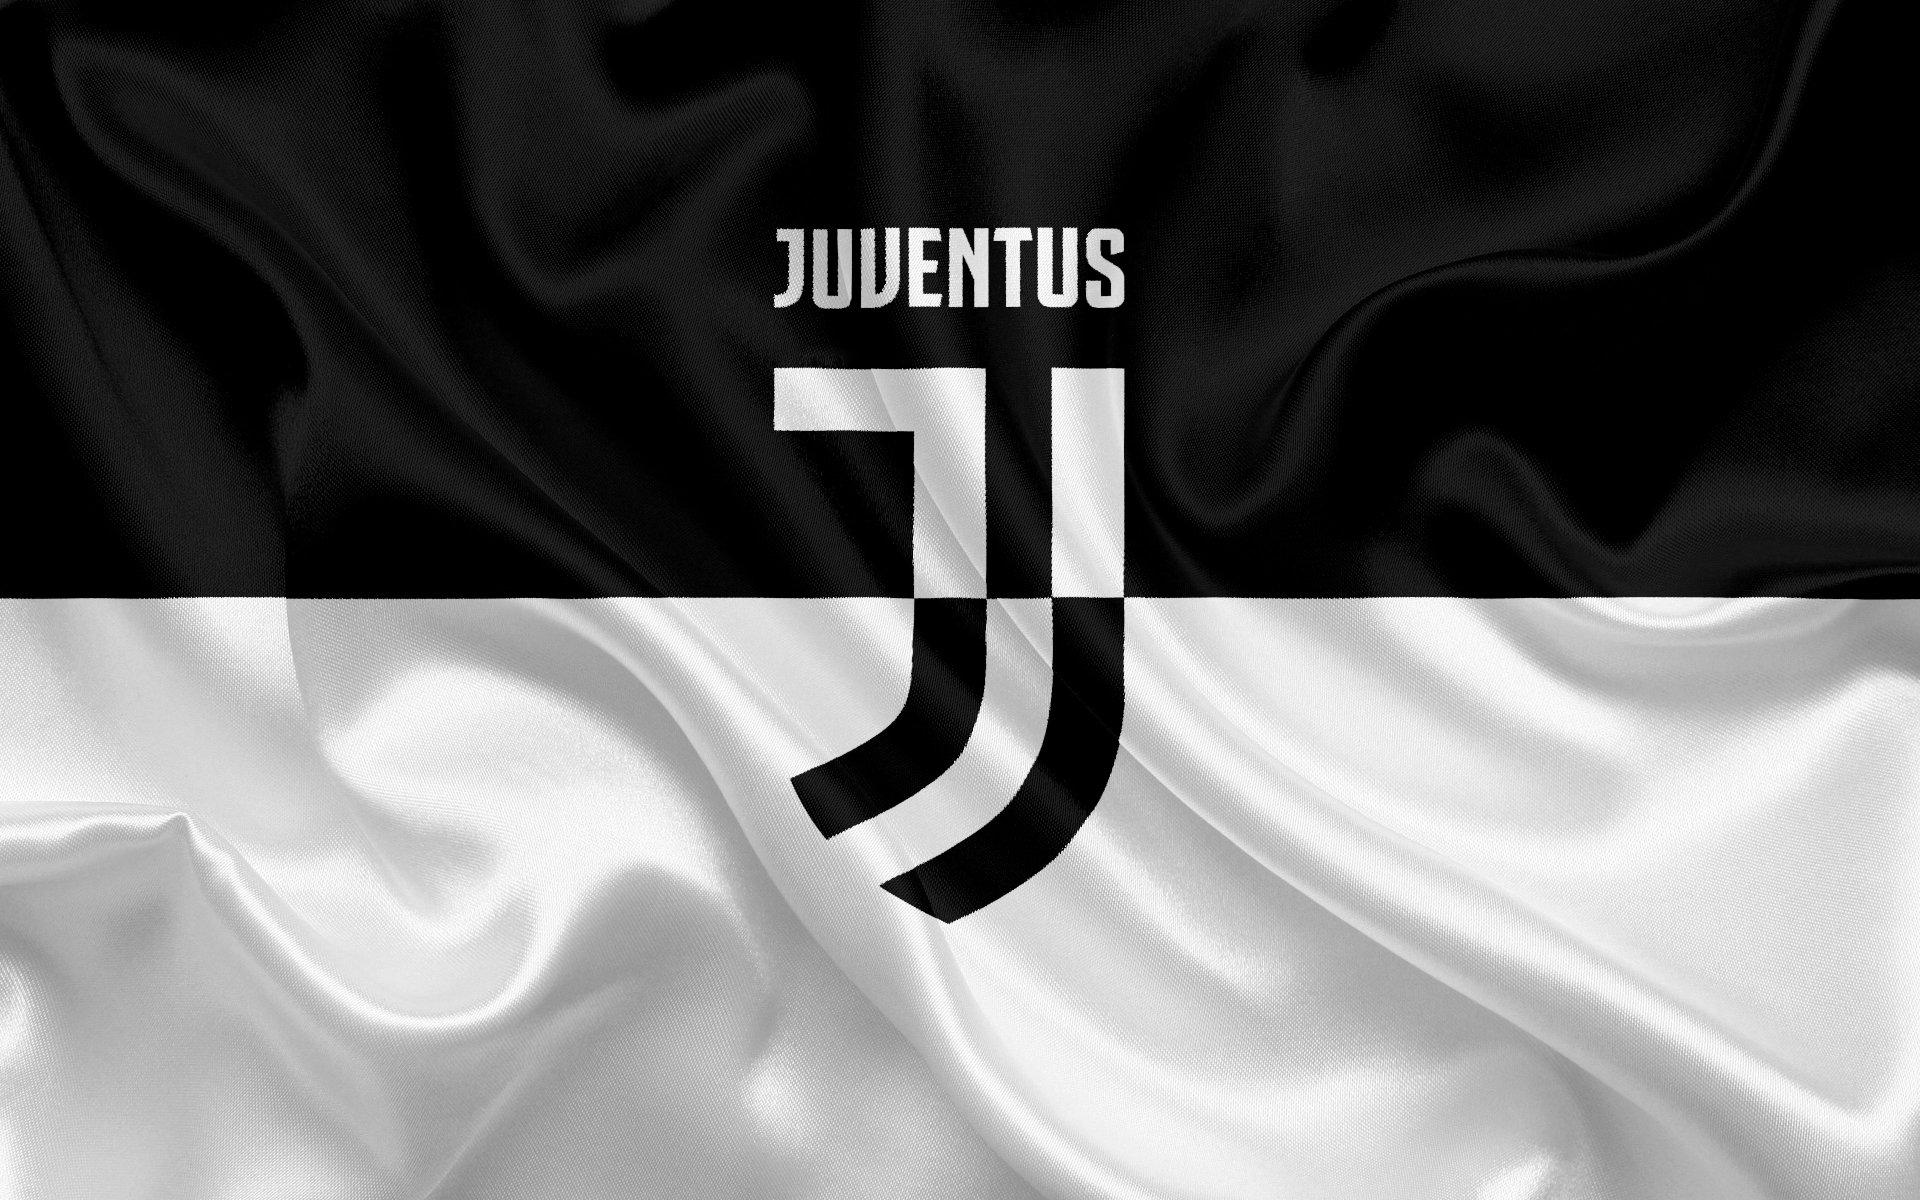 4K Ultra HD Juventus F.C. Wallpapers ...